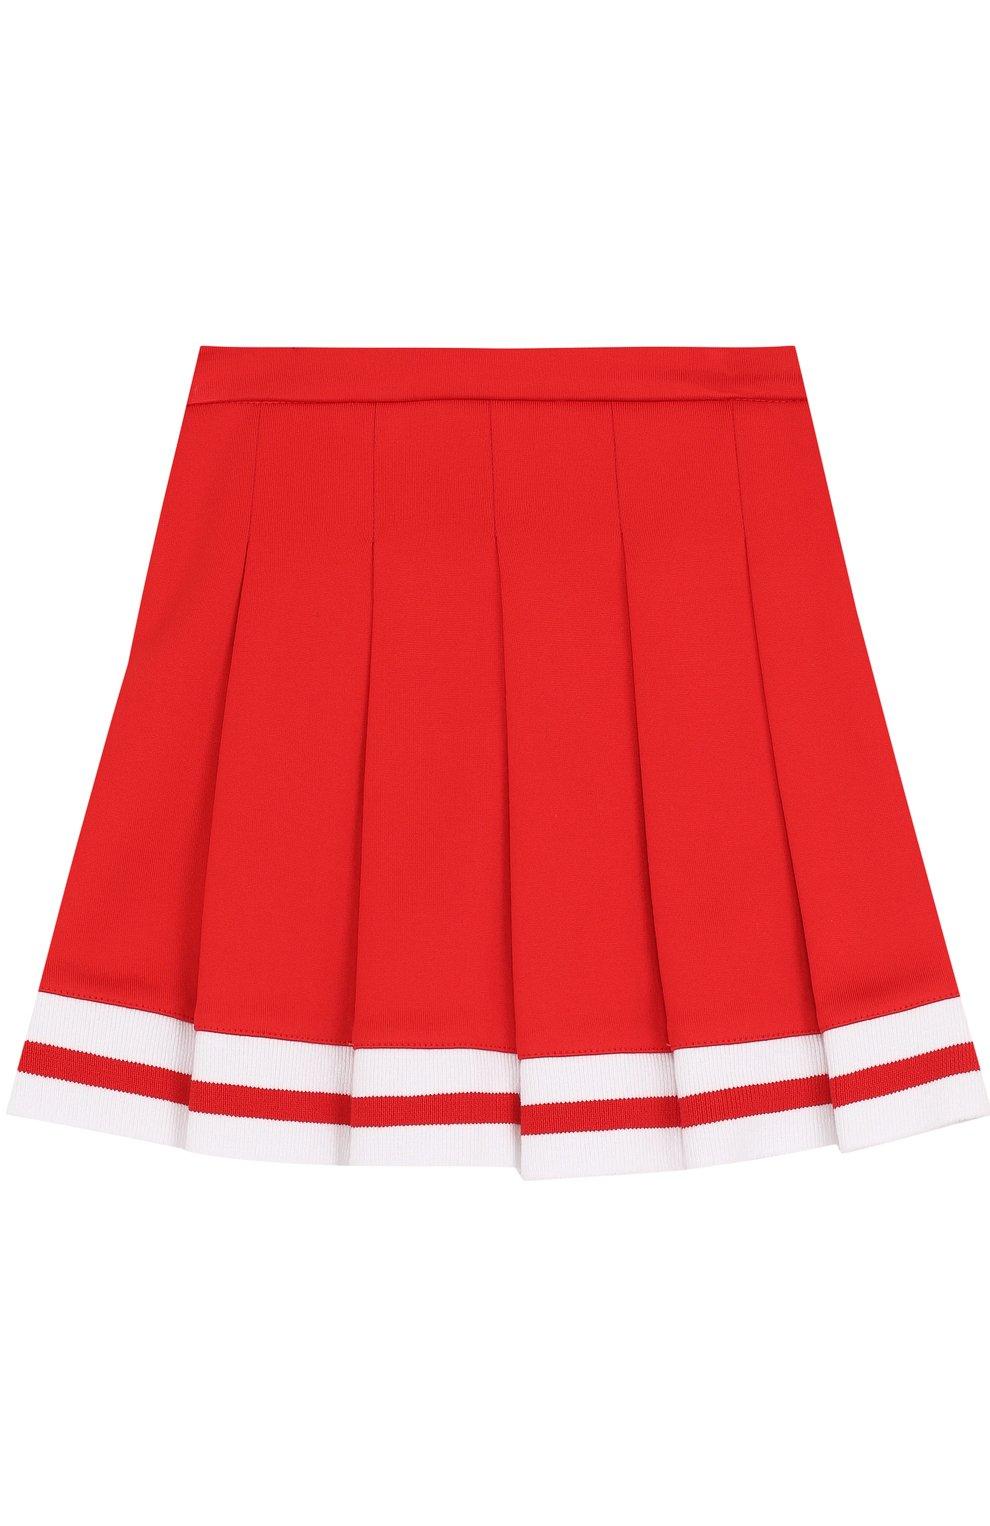 Хлопковая юбка с защипами и контрастной отделкой | Фото №2